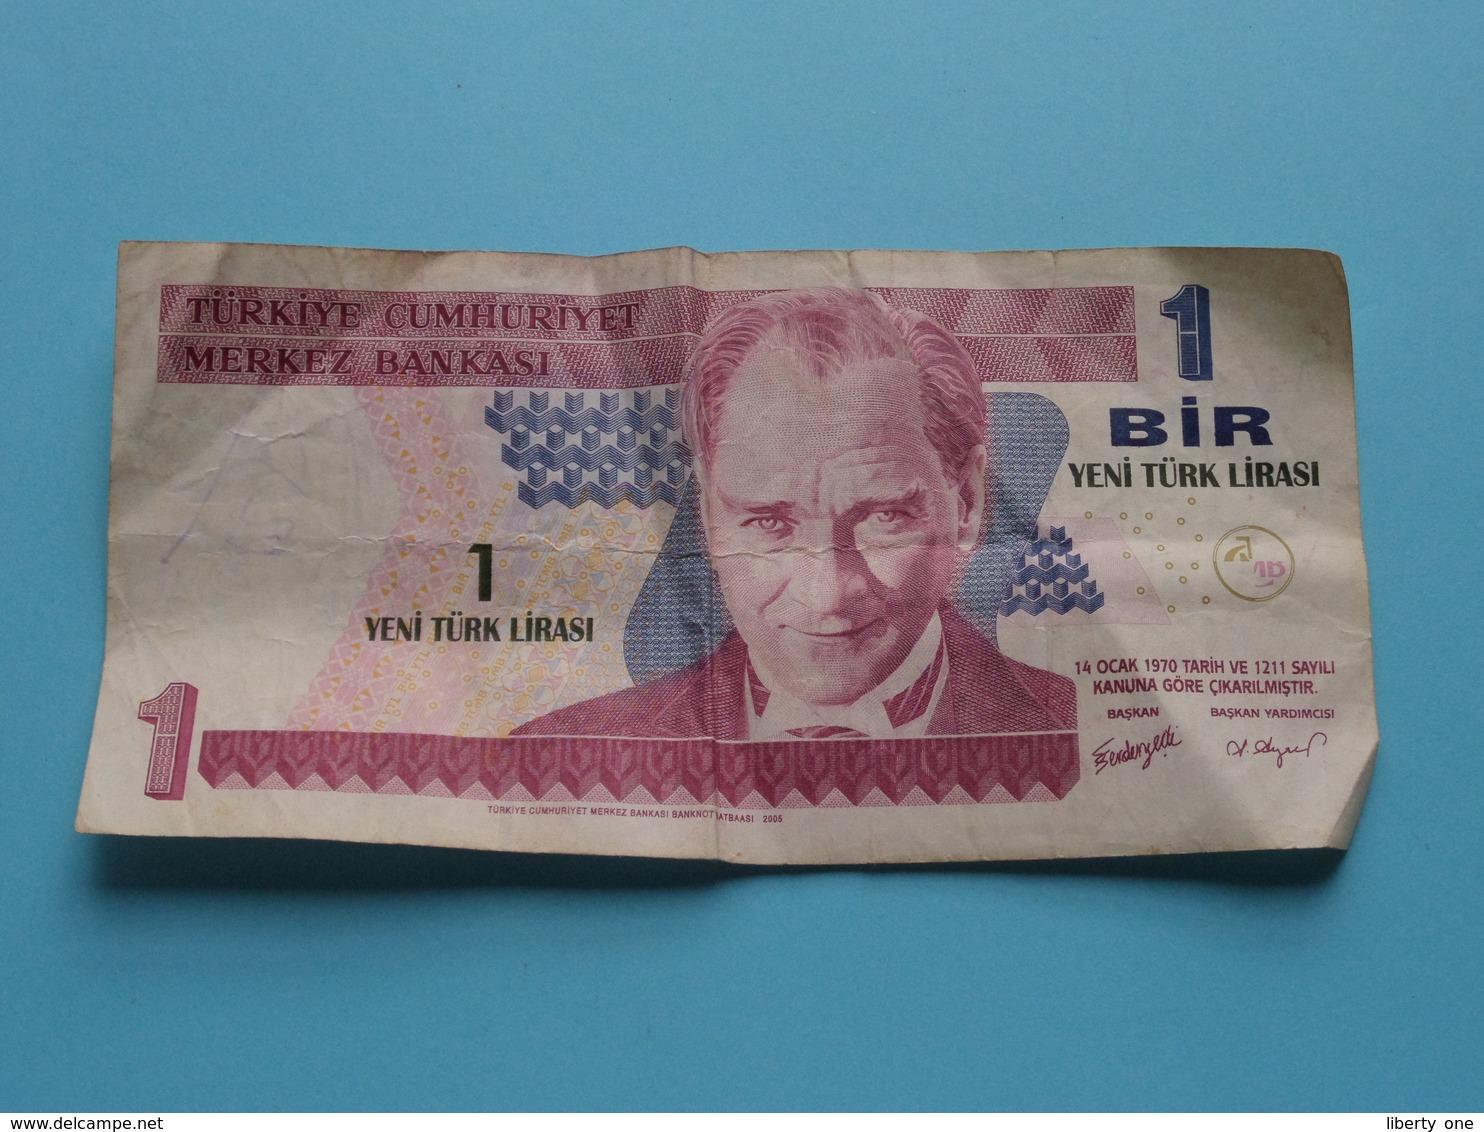 1 BIR Yeni Türk Lirasi : 14 Ocak 1970 > A45 171268 ( Türkiye Cumhuriyet Merkez Bankasi ) ! - Turchia